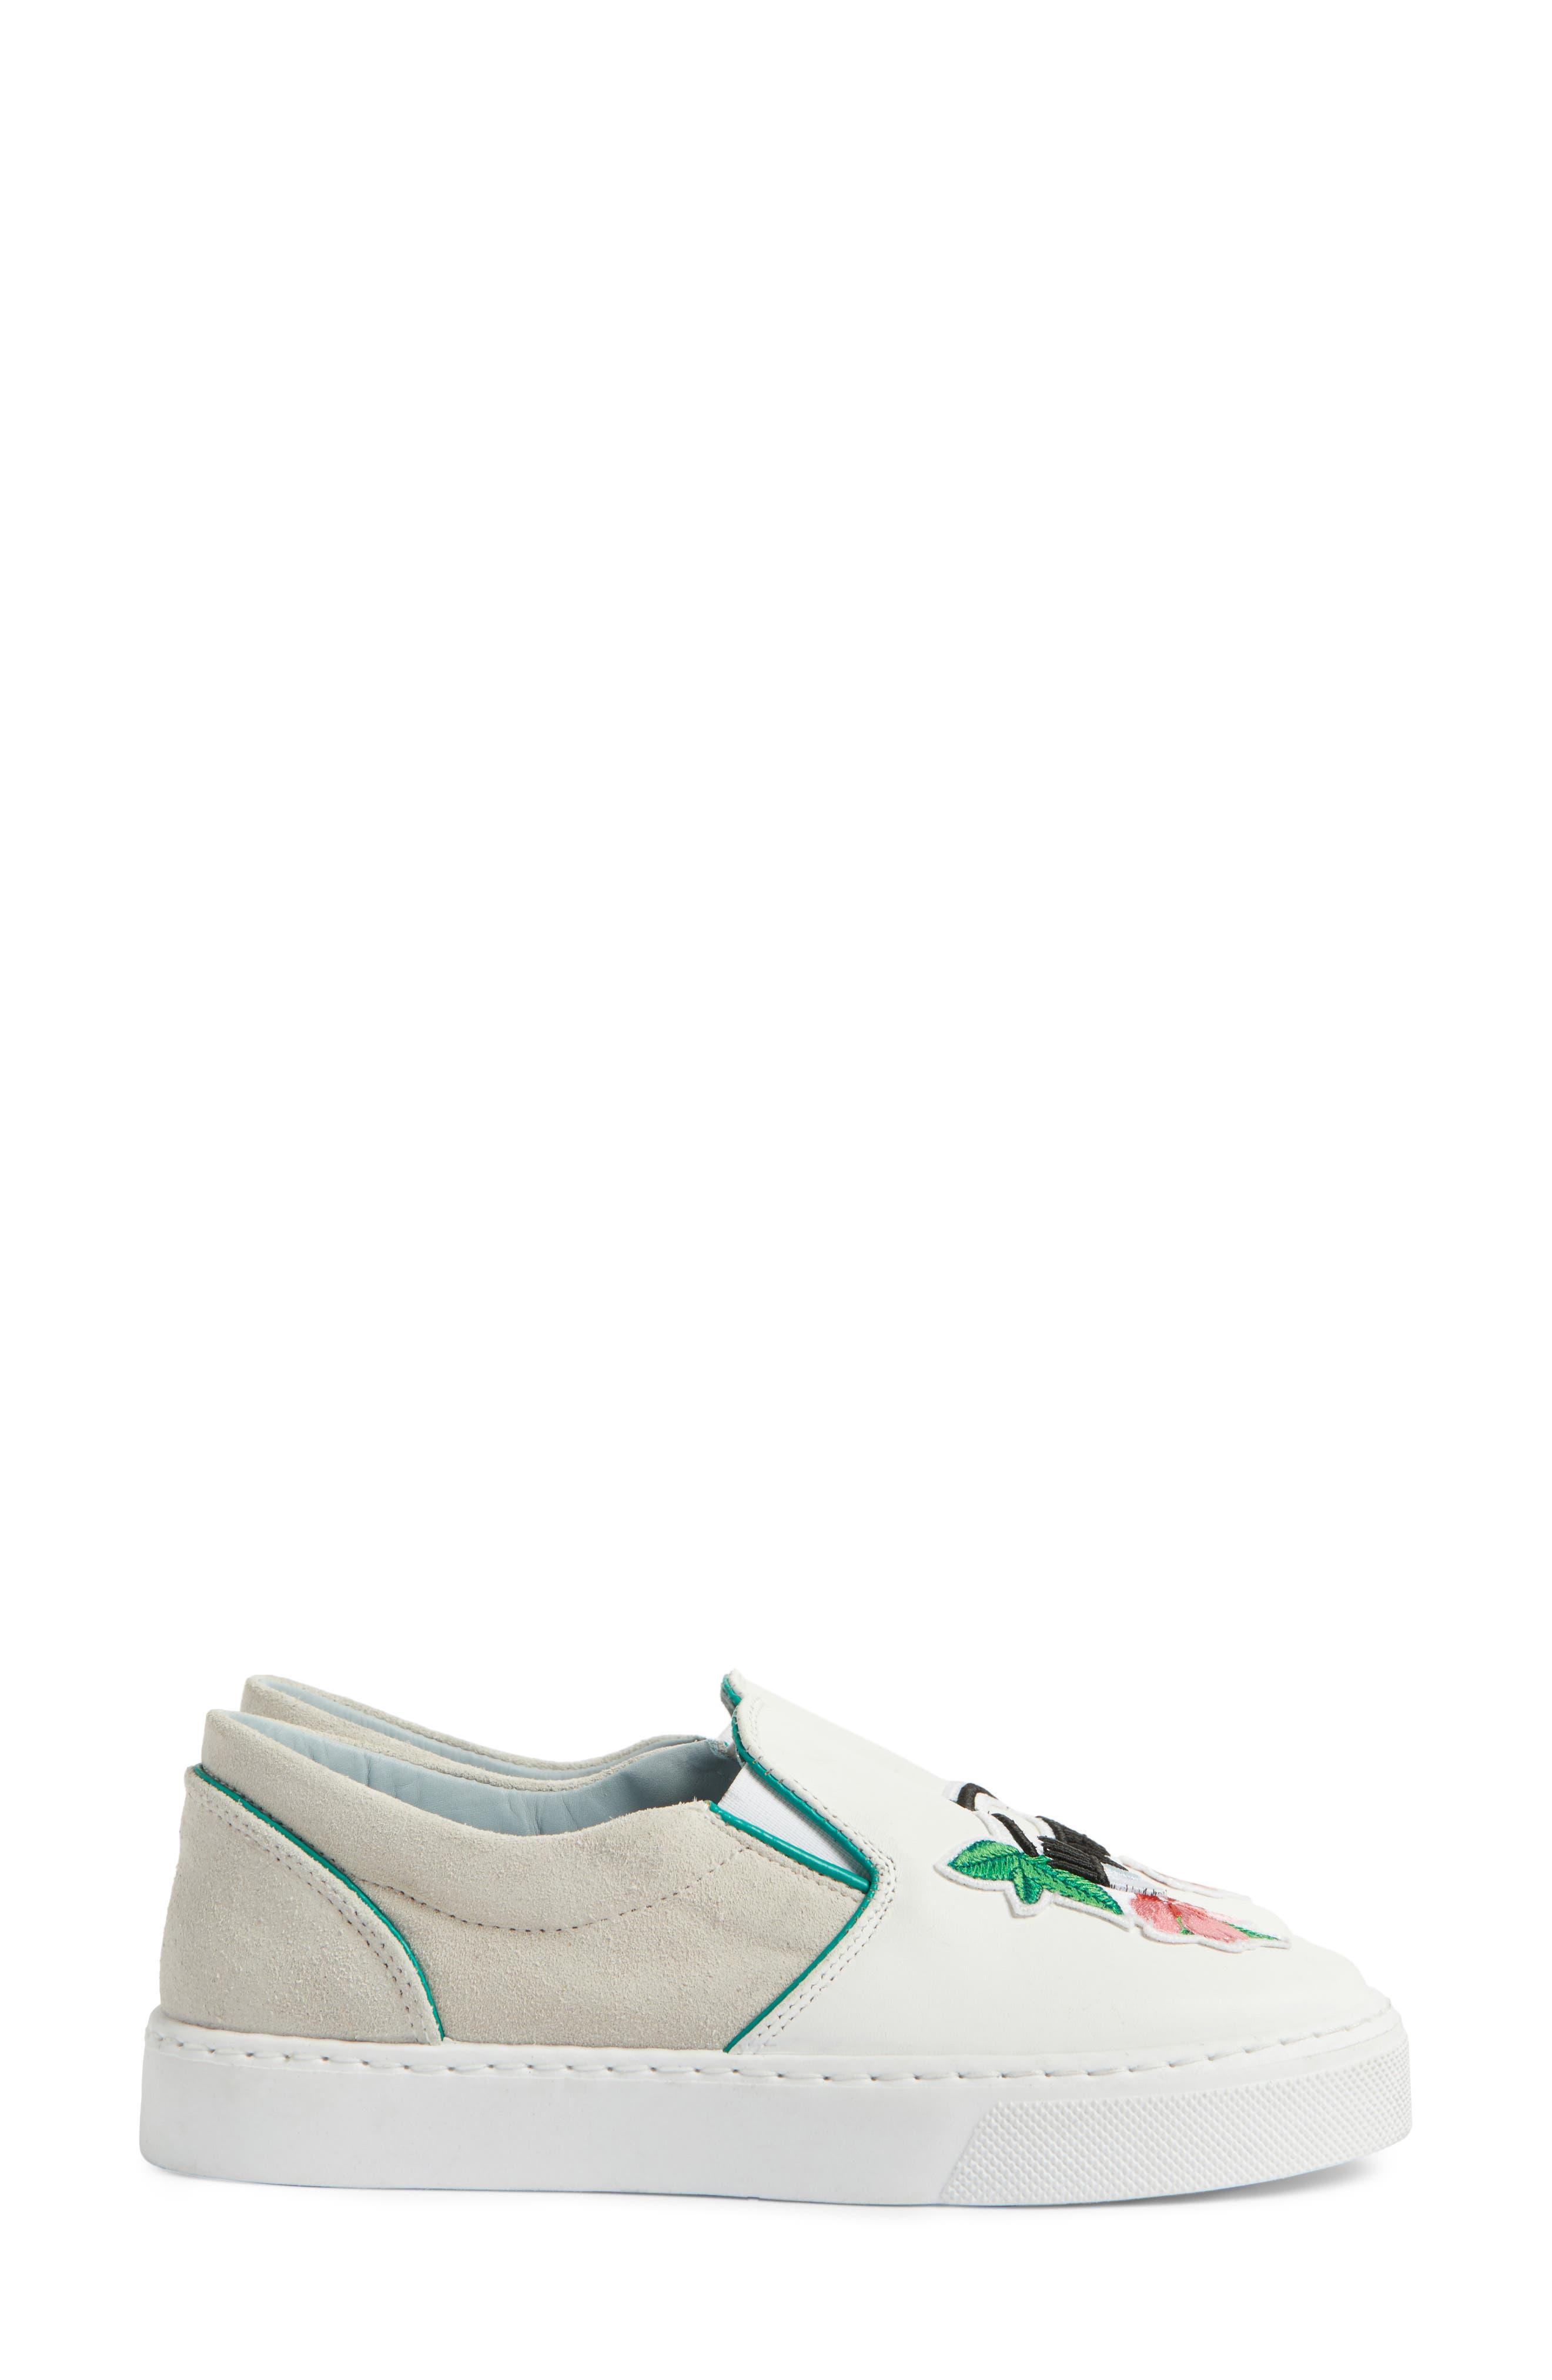 Flower Power Slip-On Sneaker,                             Alternate thumbnail 4, color,                             168